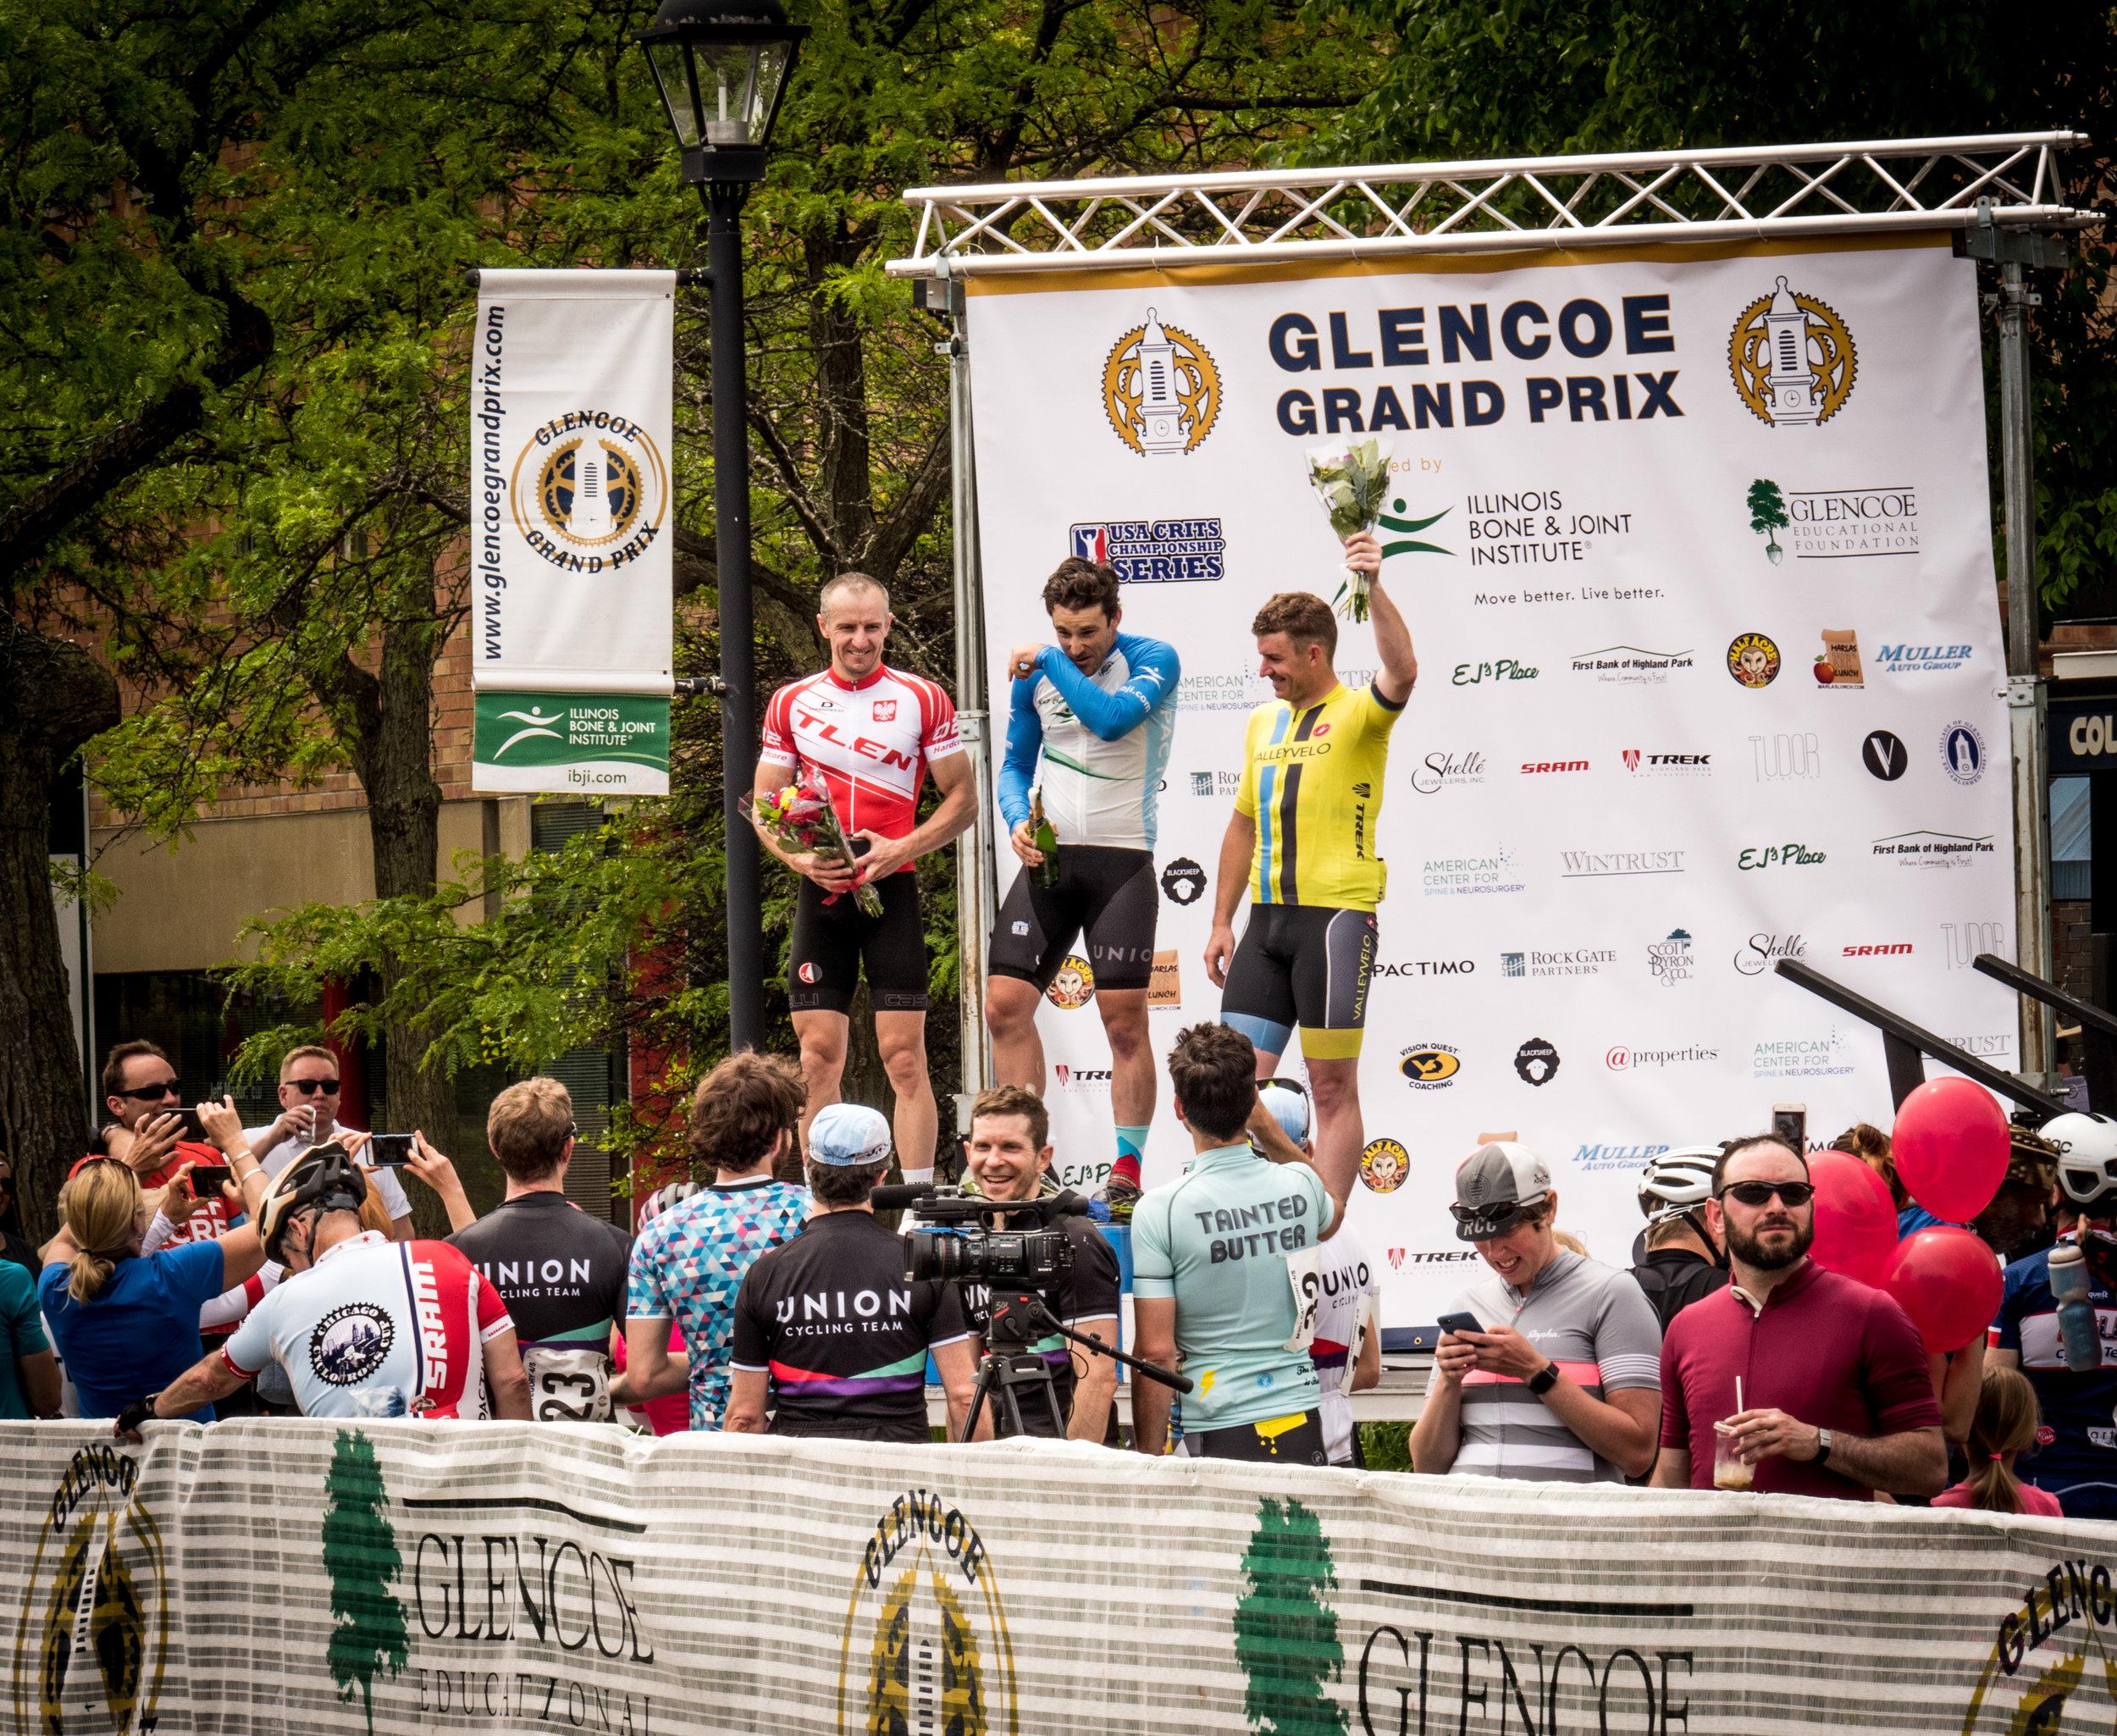 glencoe grand prix.jpg